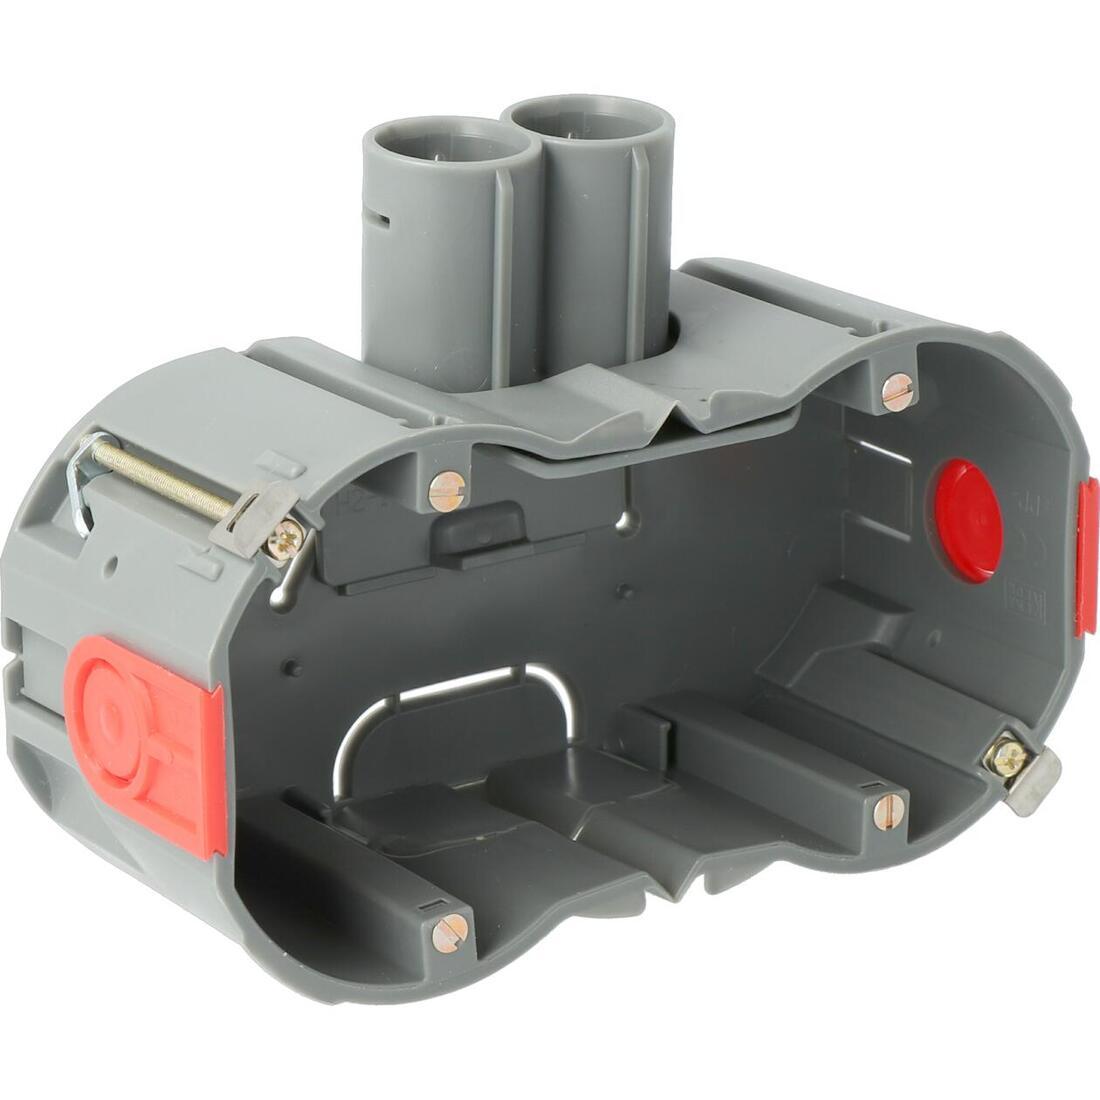 ATTEMA hollewand inbouwdoos DUO-UHW50 Ø16/19mm (AT1066)